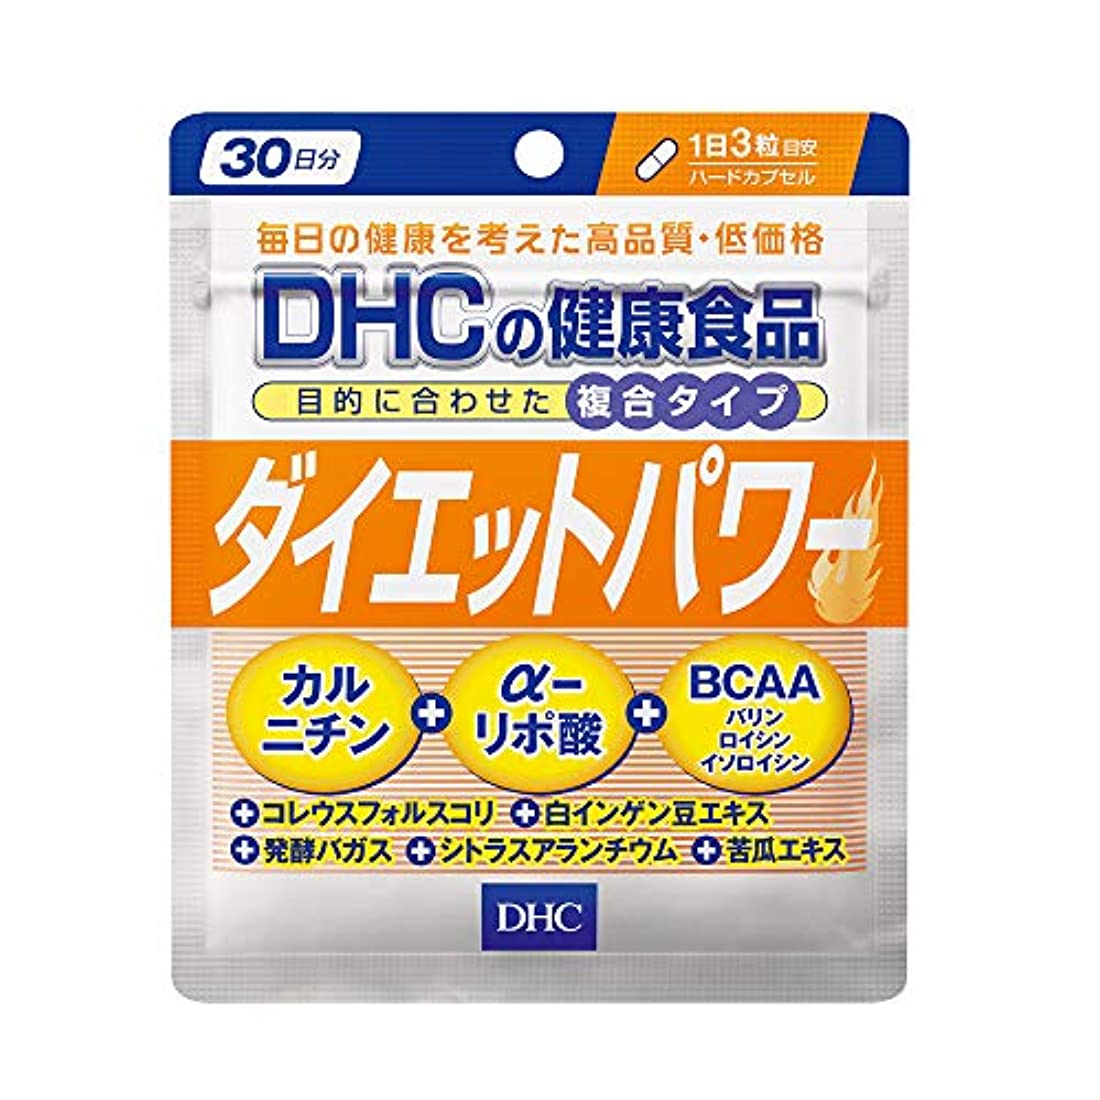 壊滅的なライド細断DHC ダイエットパワー 30日分